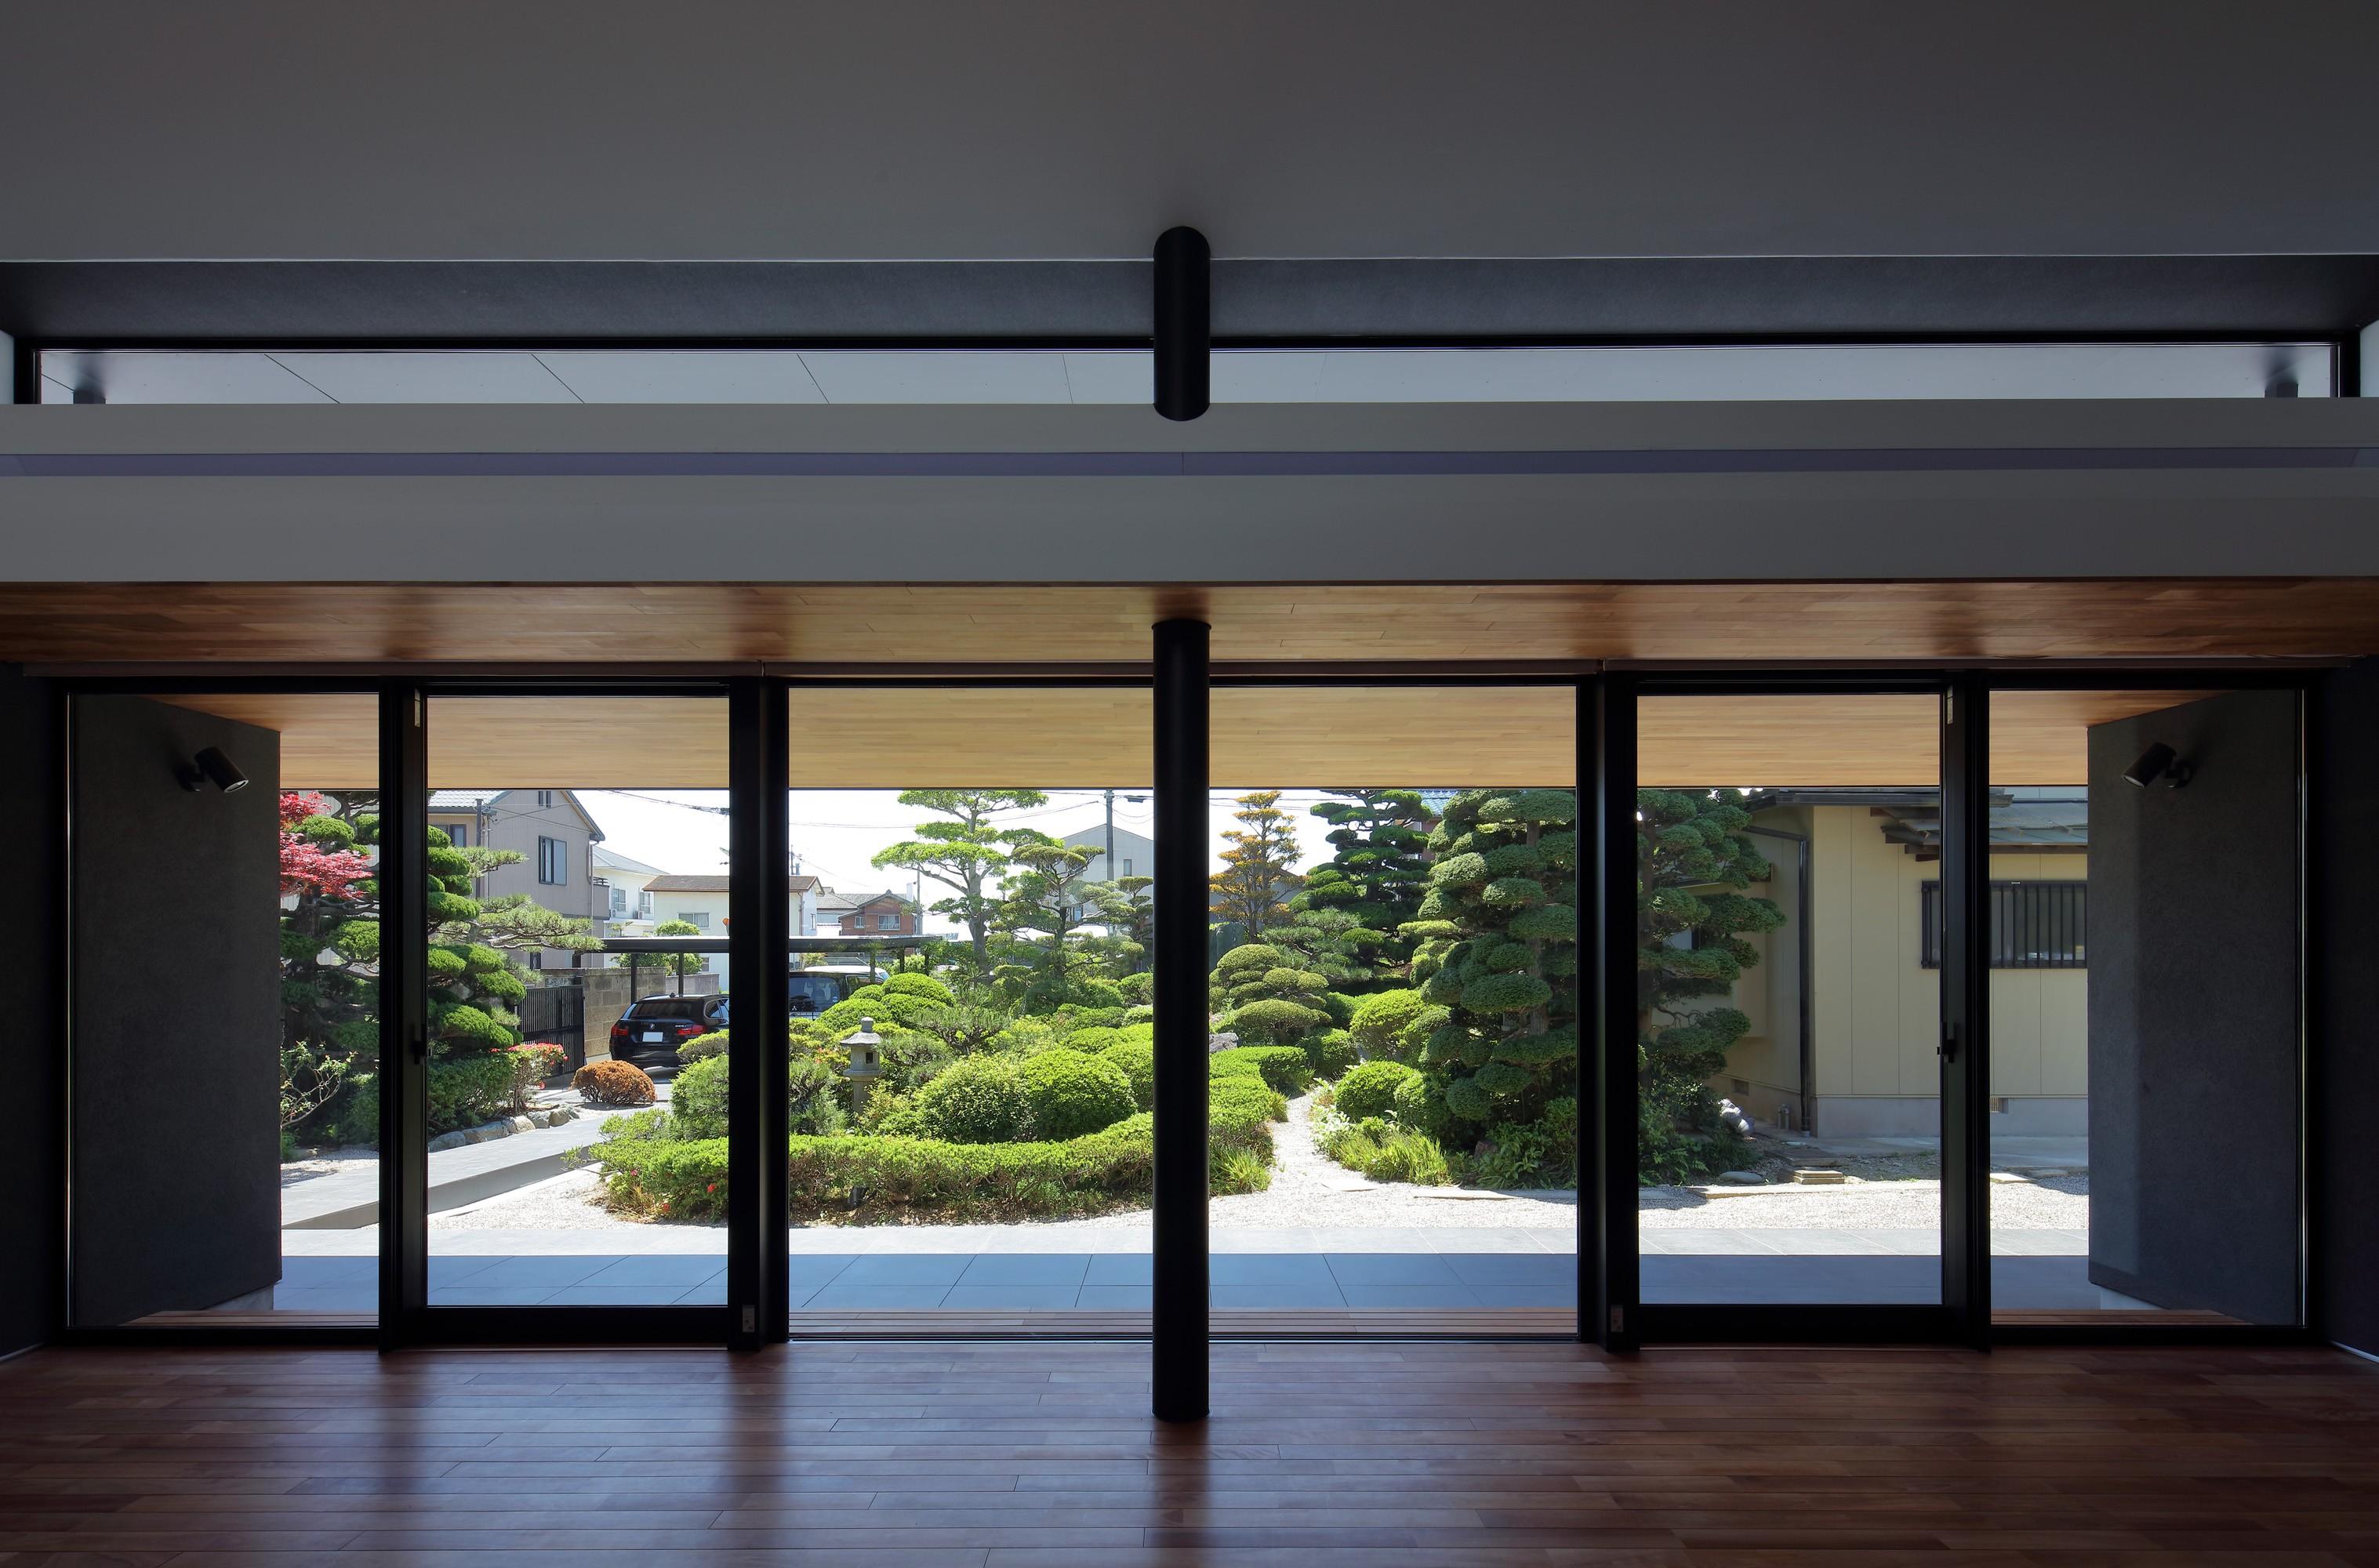 リビングダイニング事例:リビングから庭園を見る(ZUSHI)